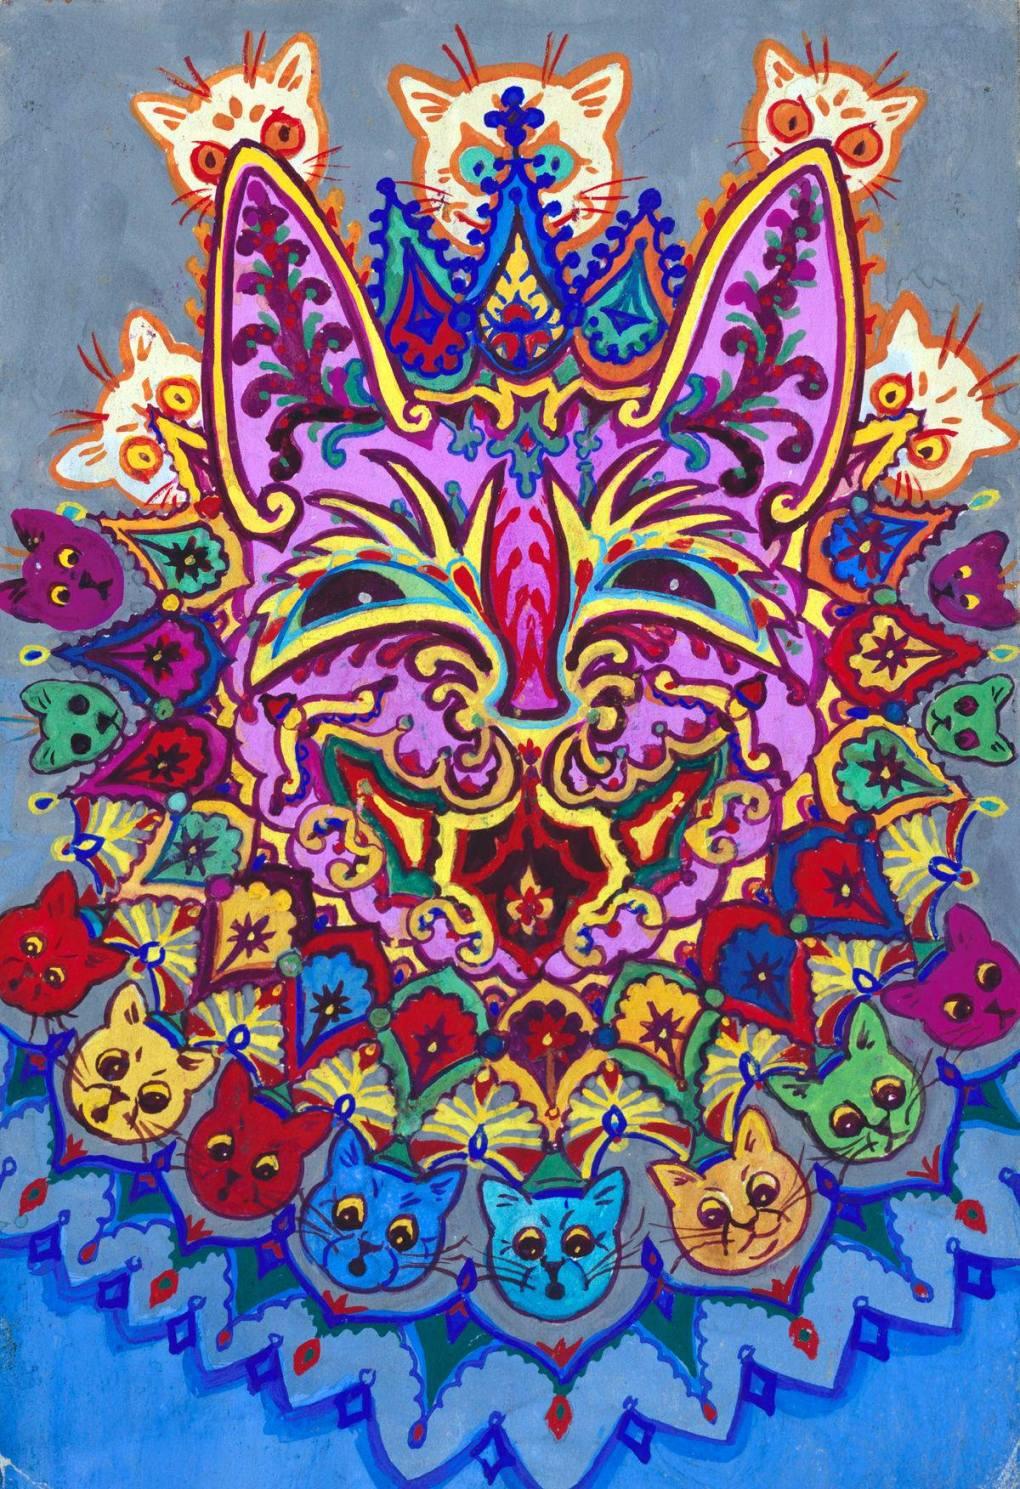 de1086f63ff Friday Art Cat  Louis Wain (1860-1939) - Katzenworld